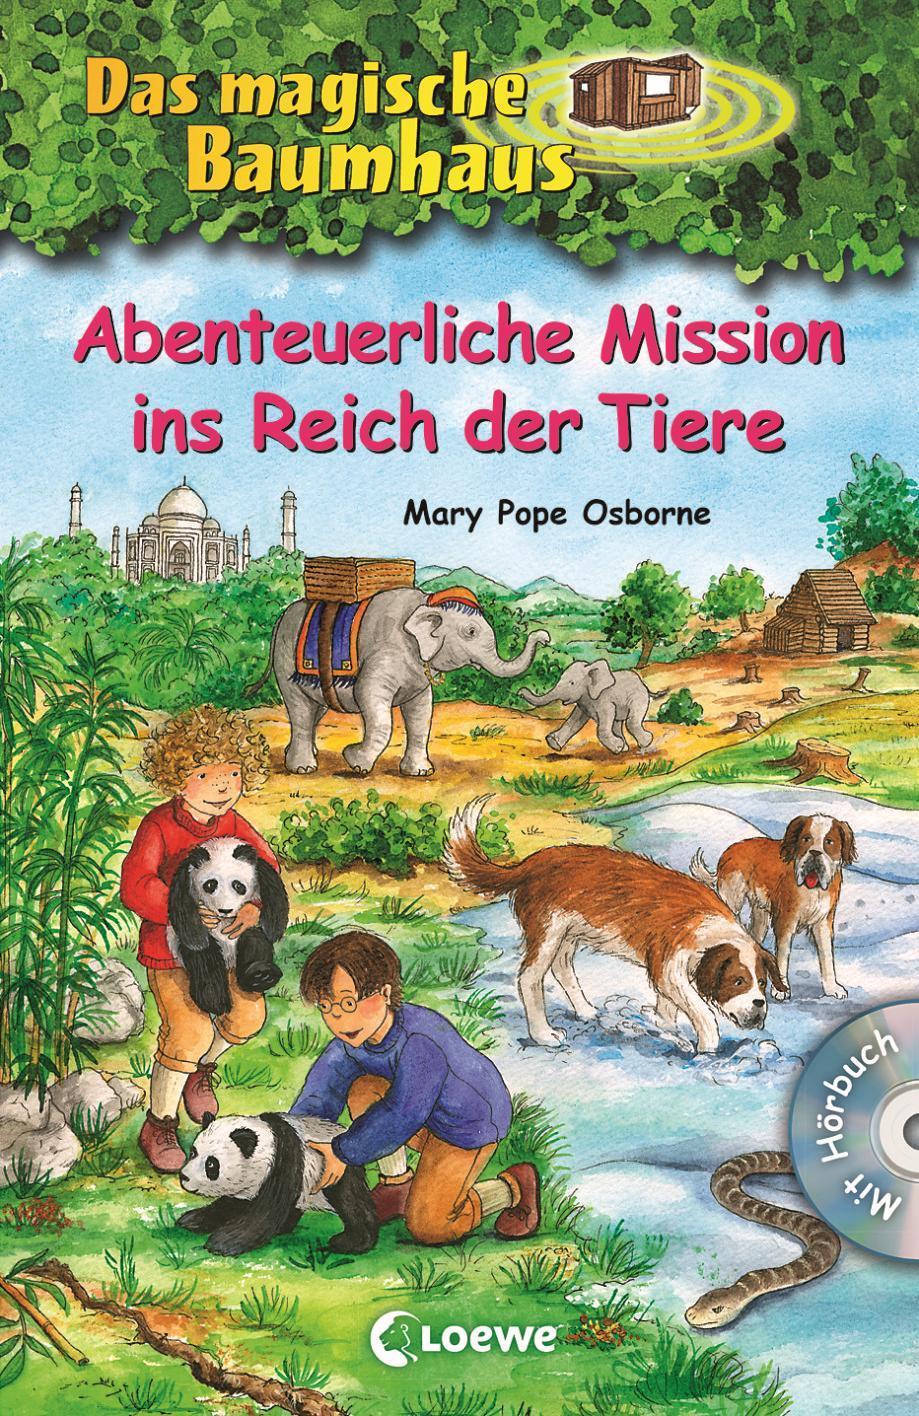 Abenteuerliche Mission ins Reich der Tiere